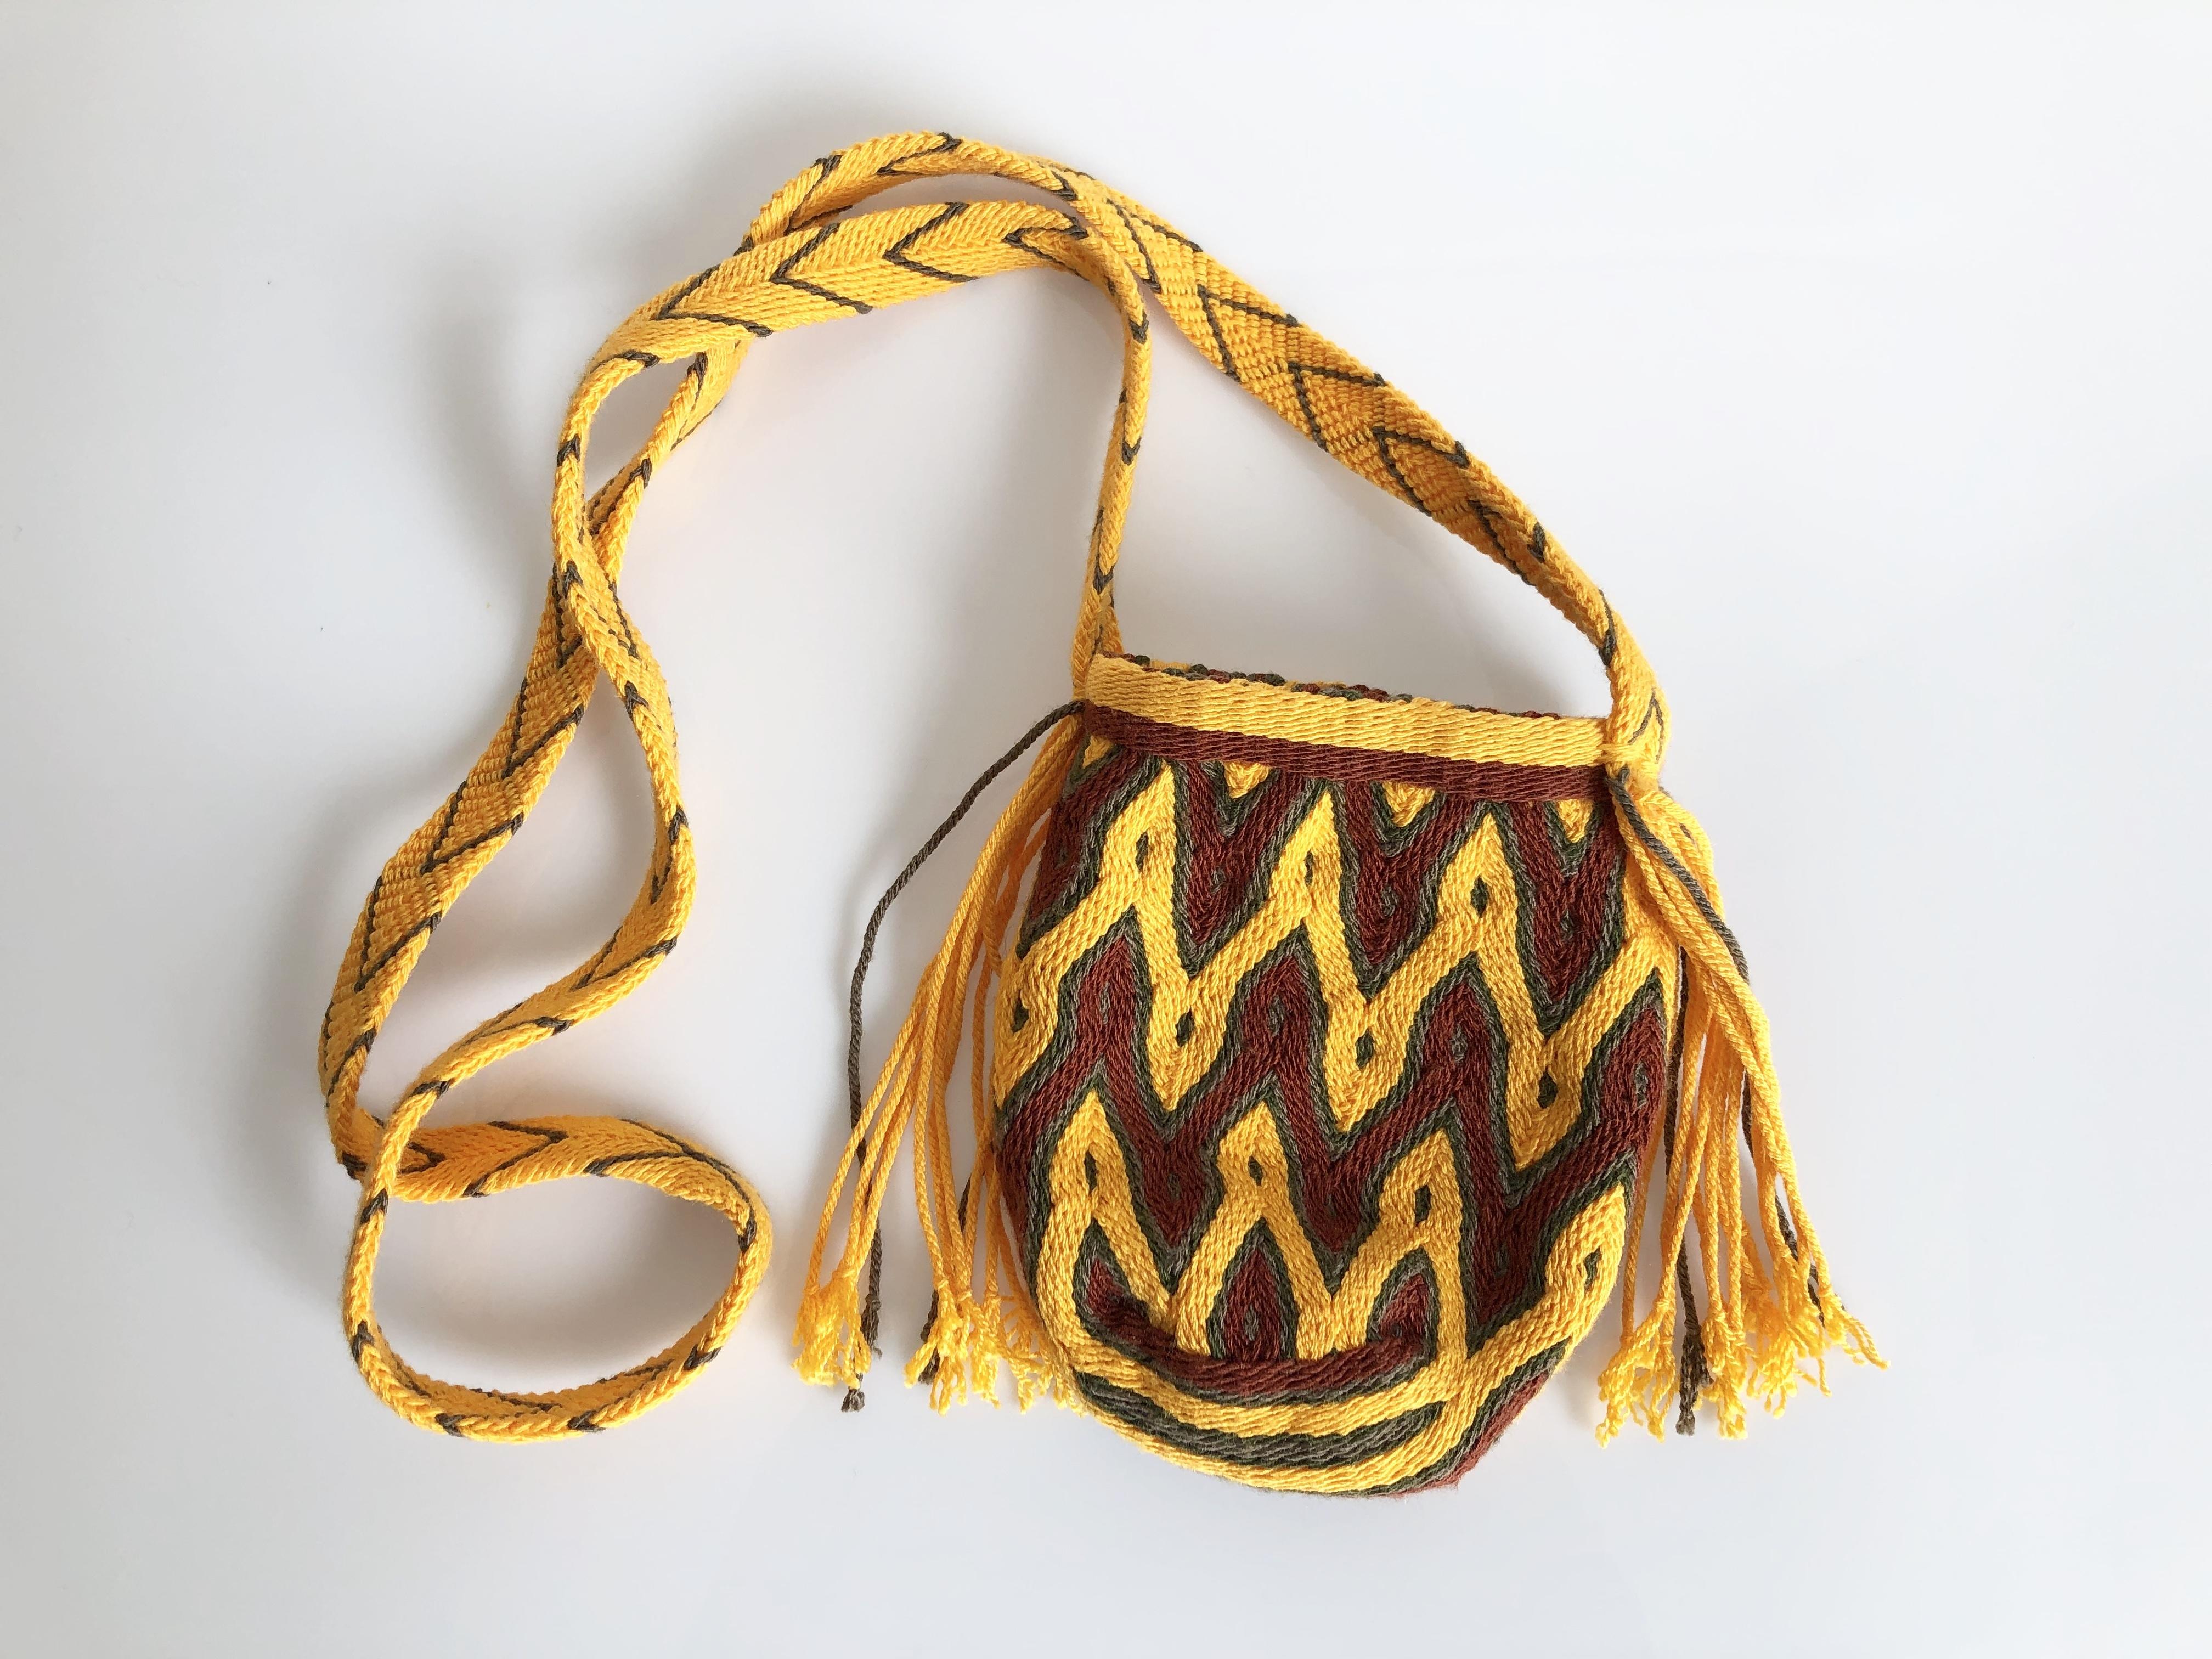 ワユーバッグ (Wayuu bag) 携帯ケース/ポシェット no.3